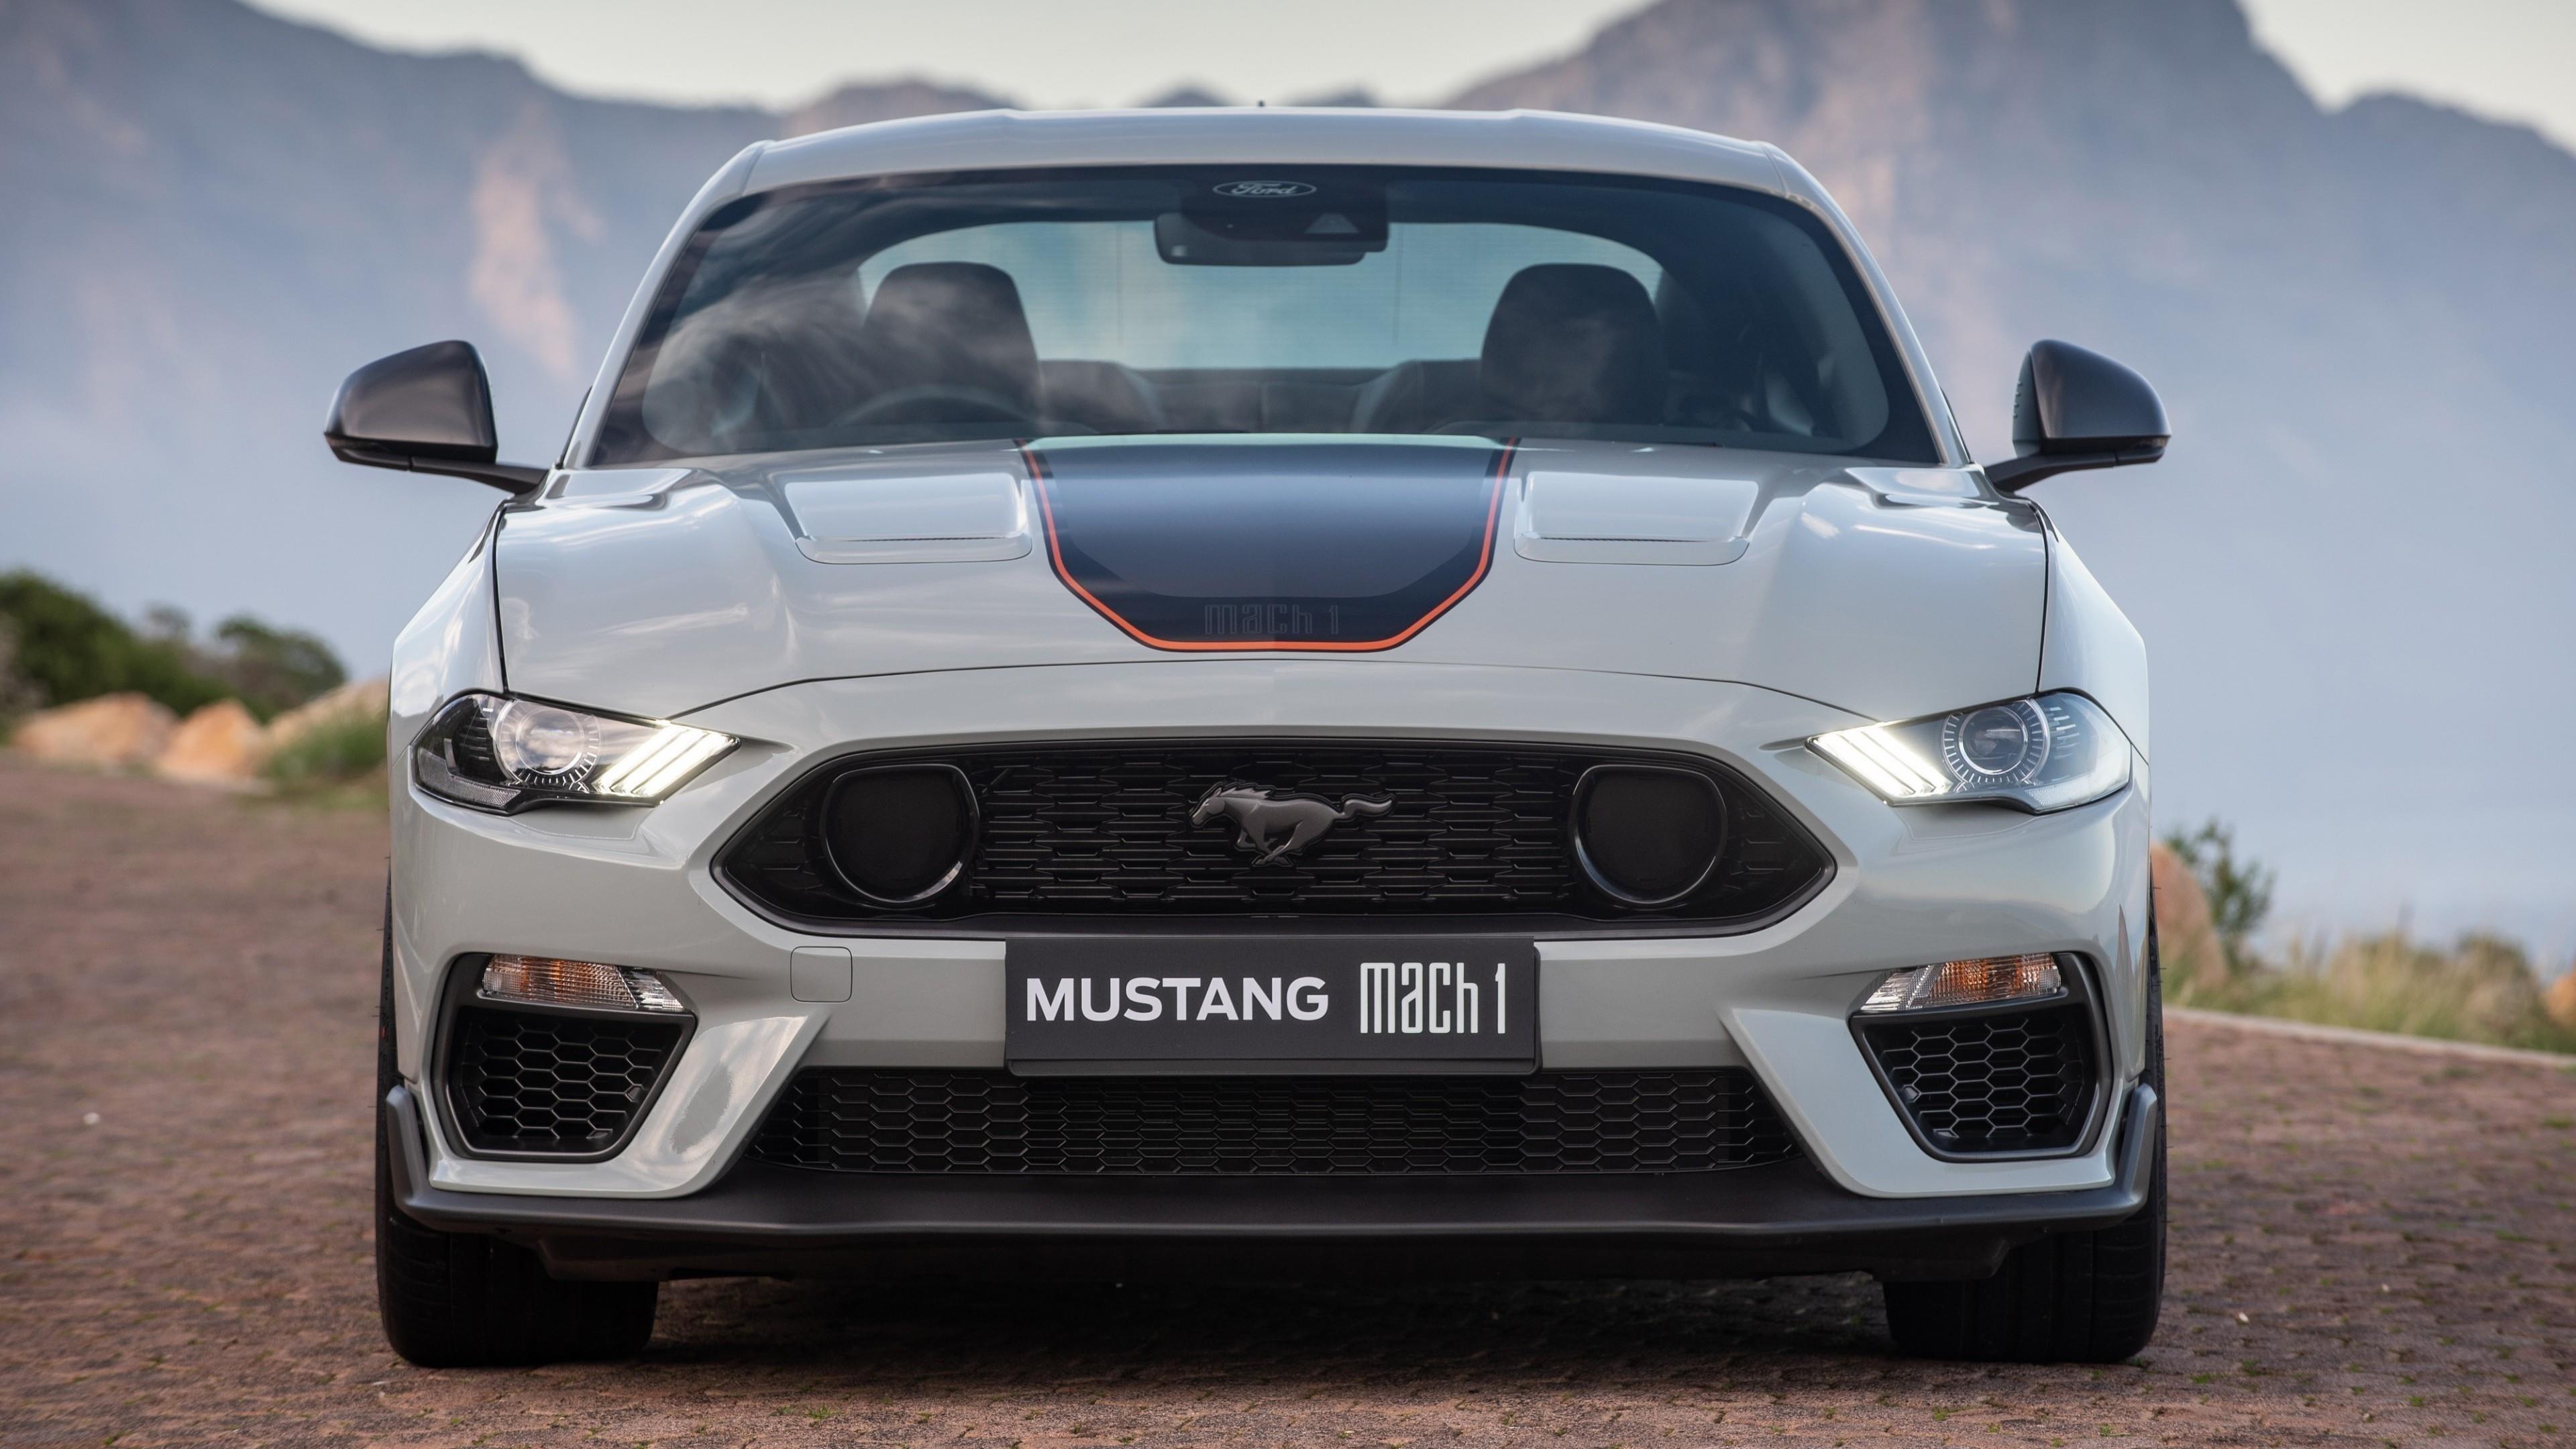 Ford mustang mach 1 2021 5 автомобилей обои скачать